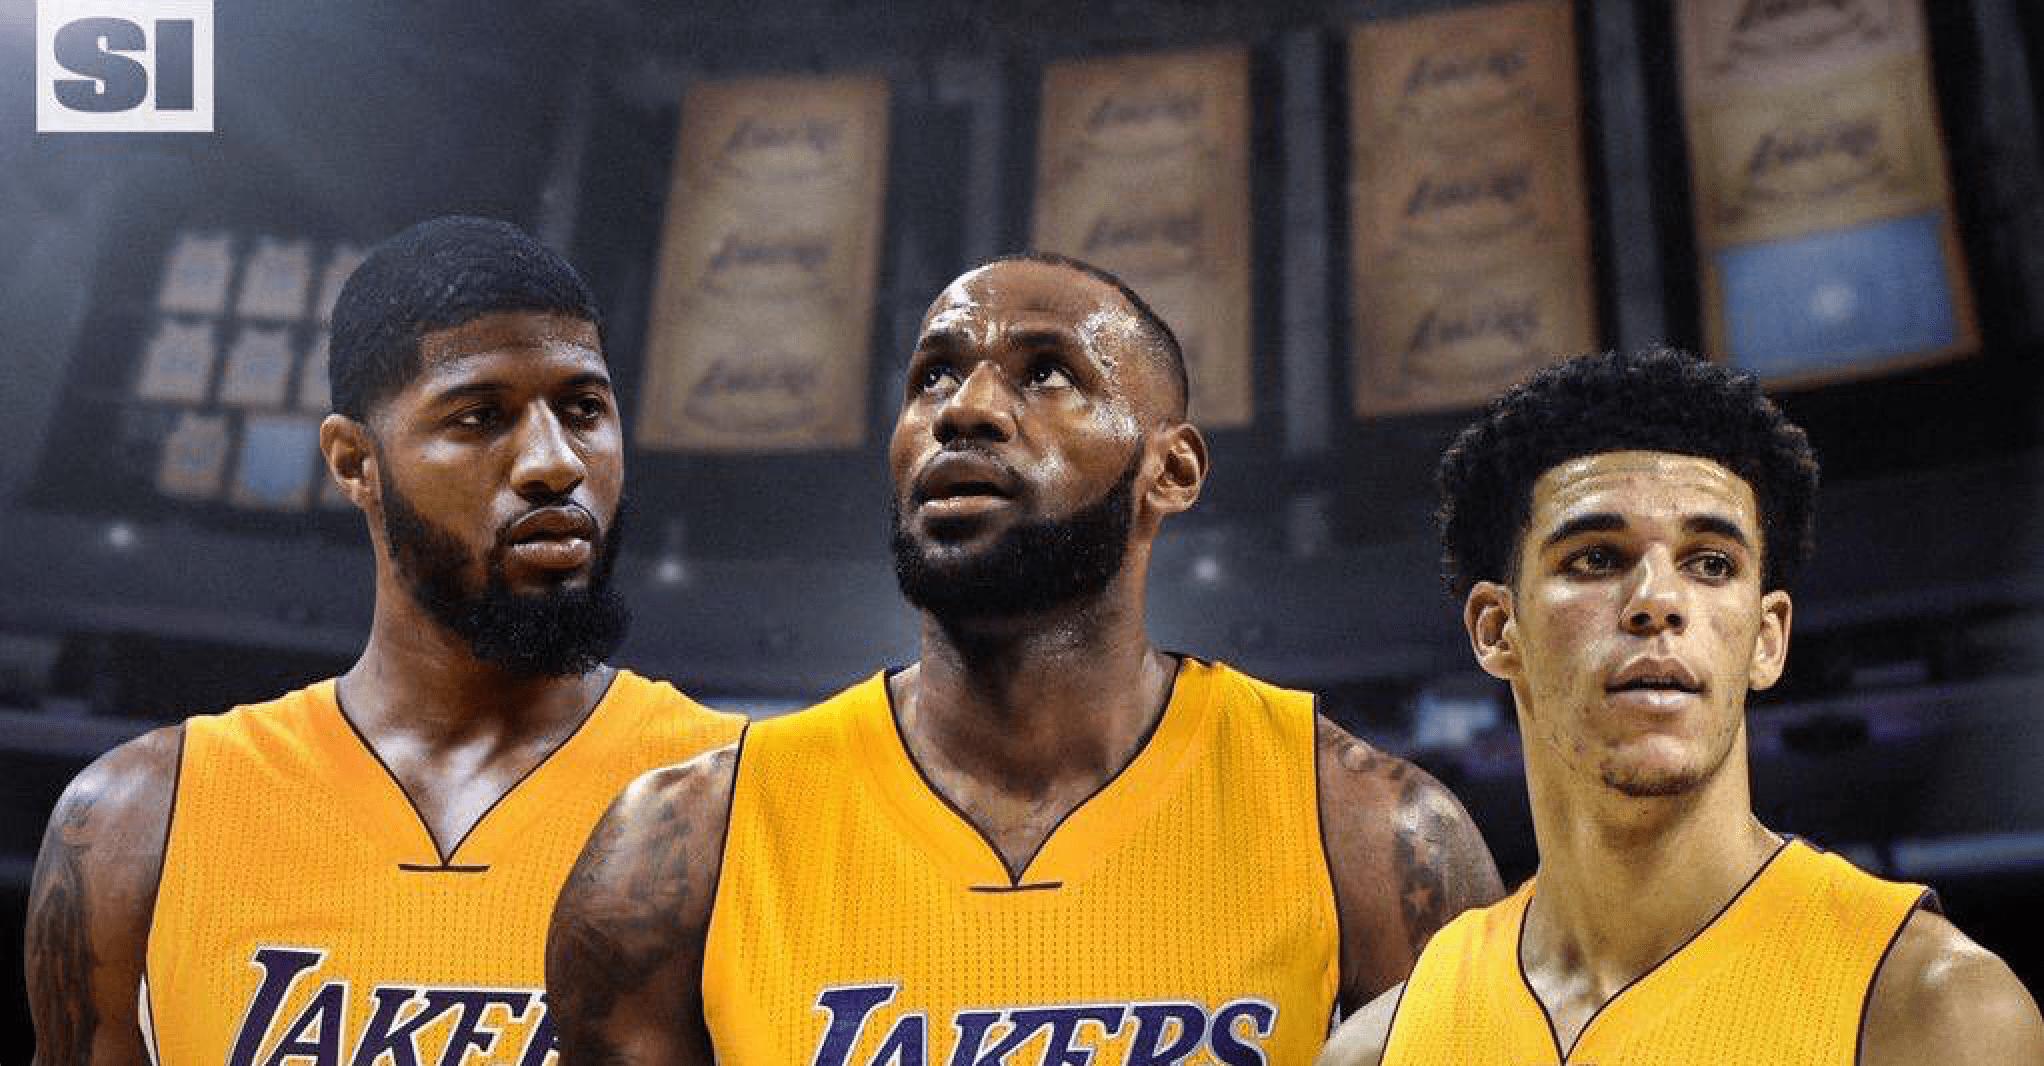 Les Lakers vont viser Paul George et LeBron James en 2018